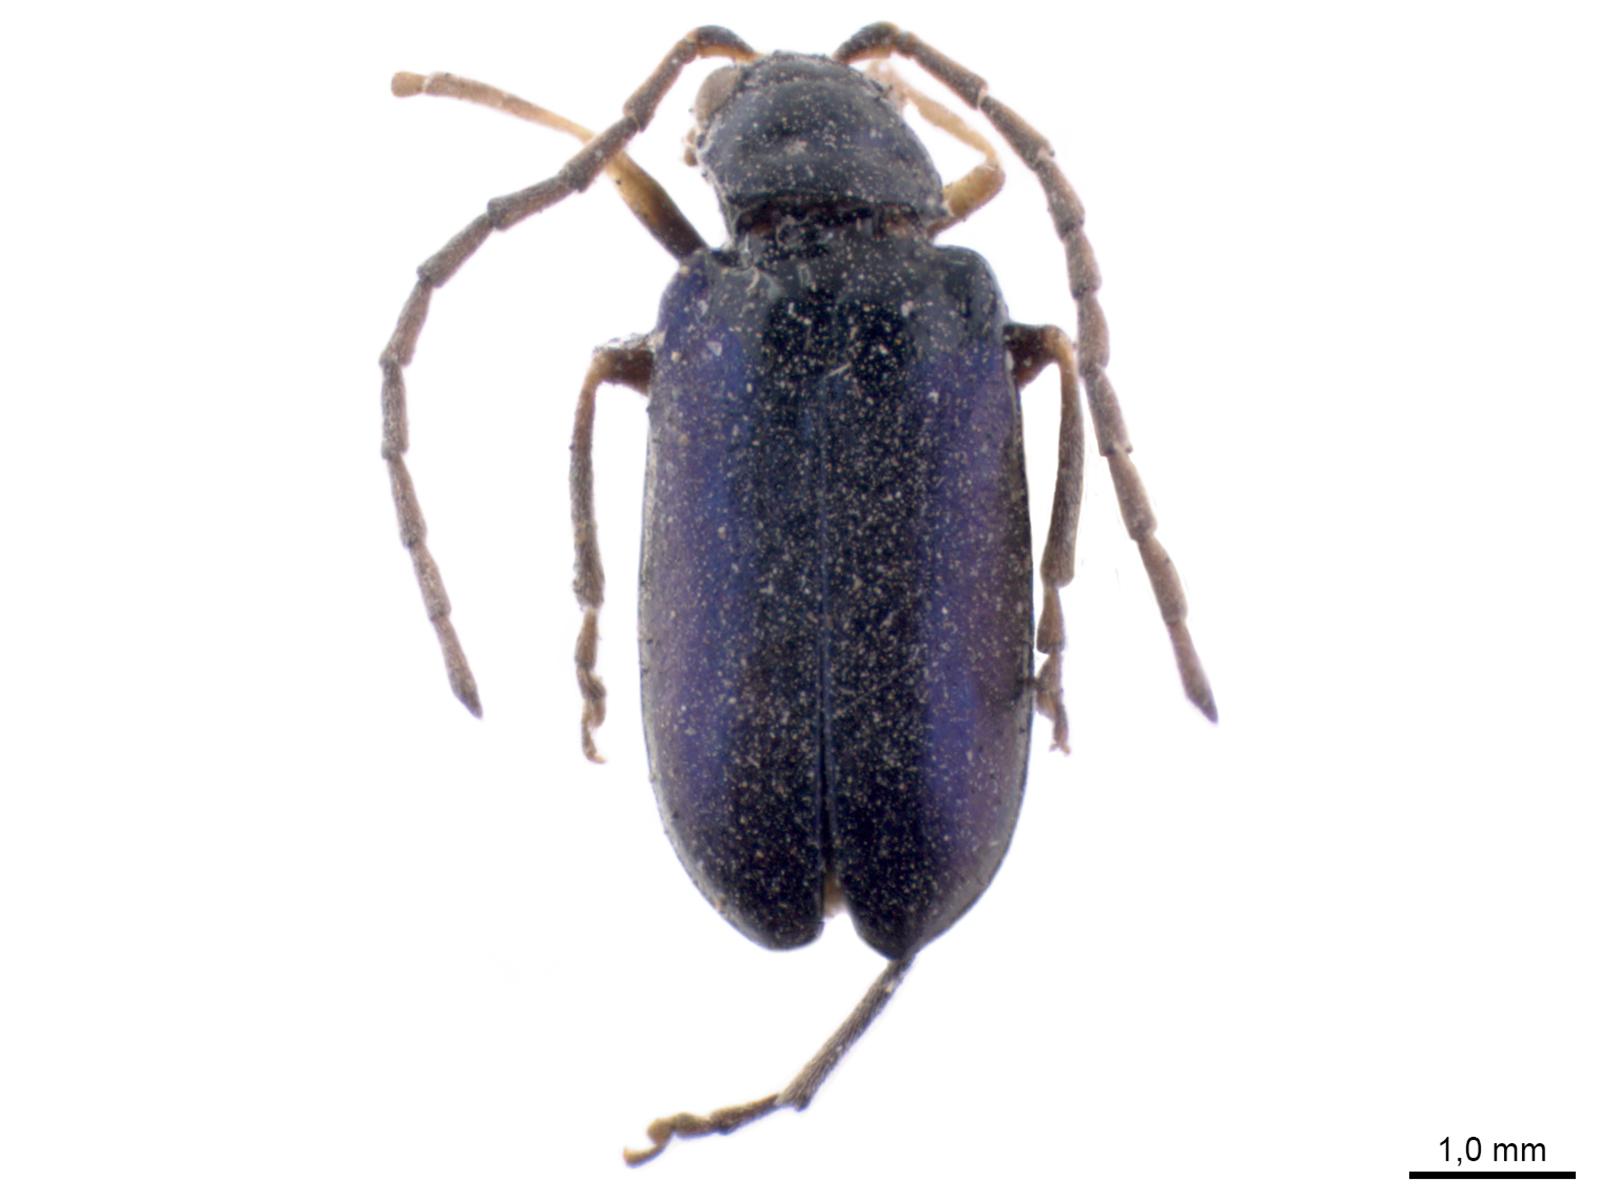 Fleutiauxia armata (Baly, 1874)